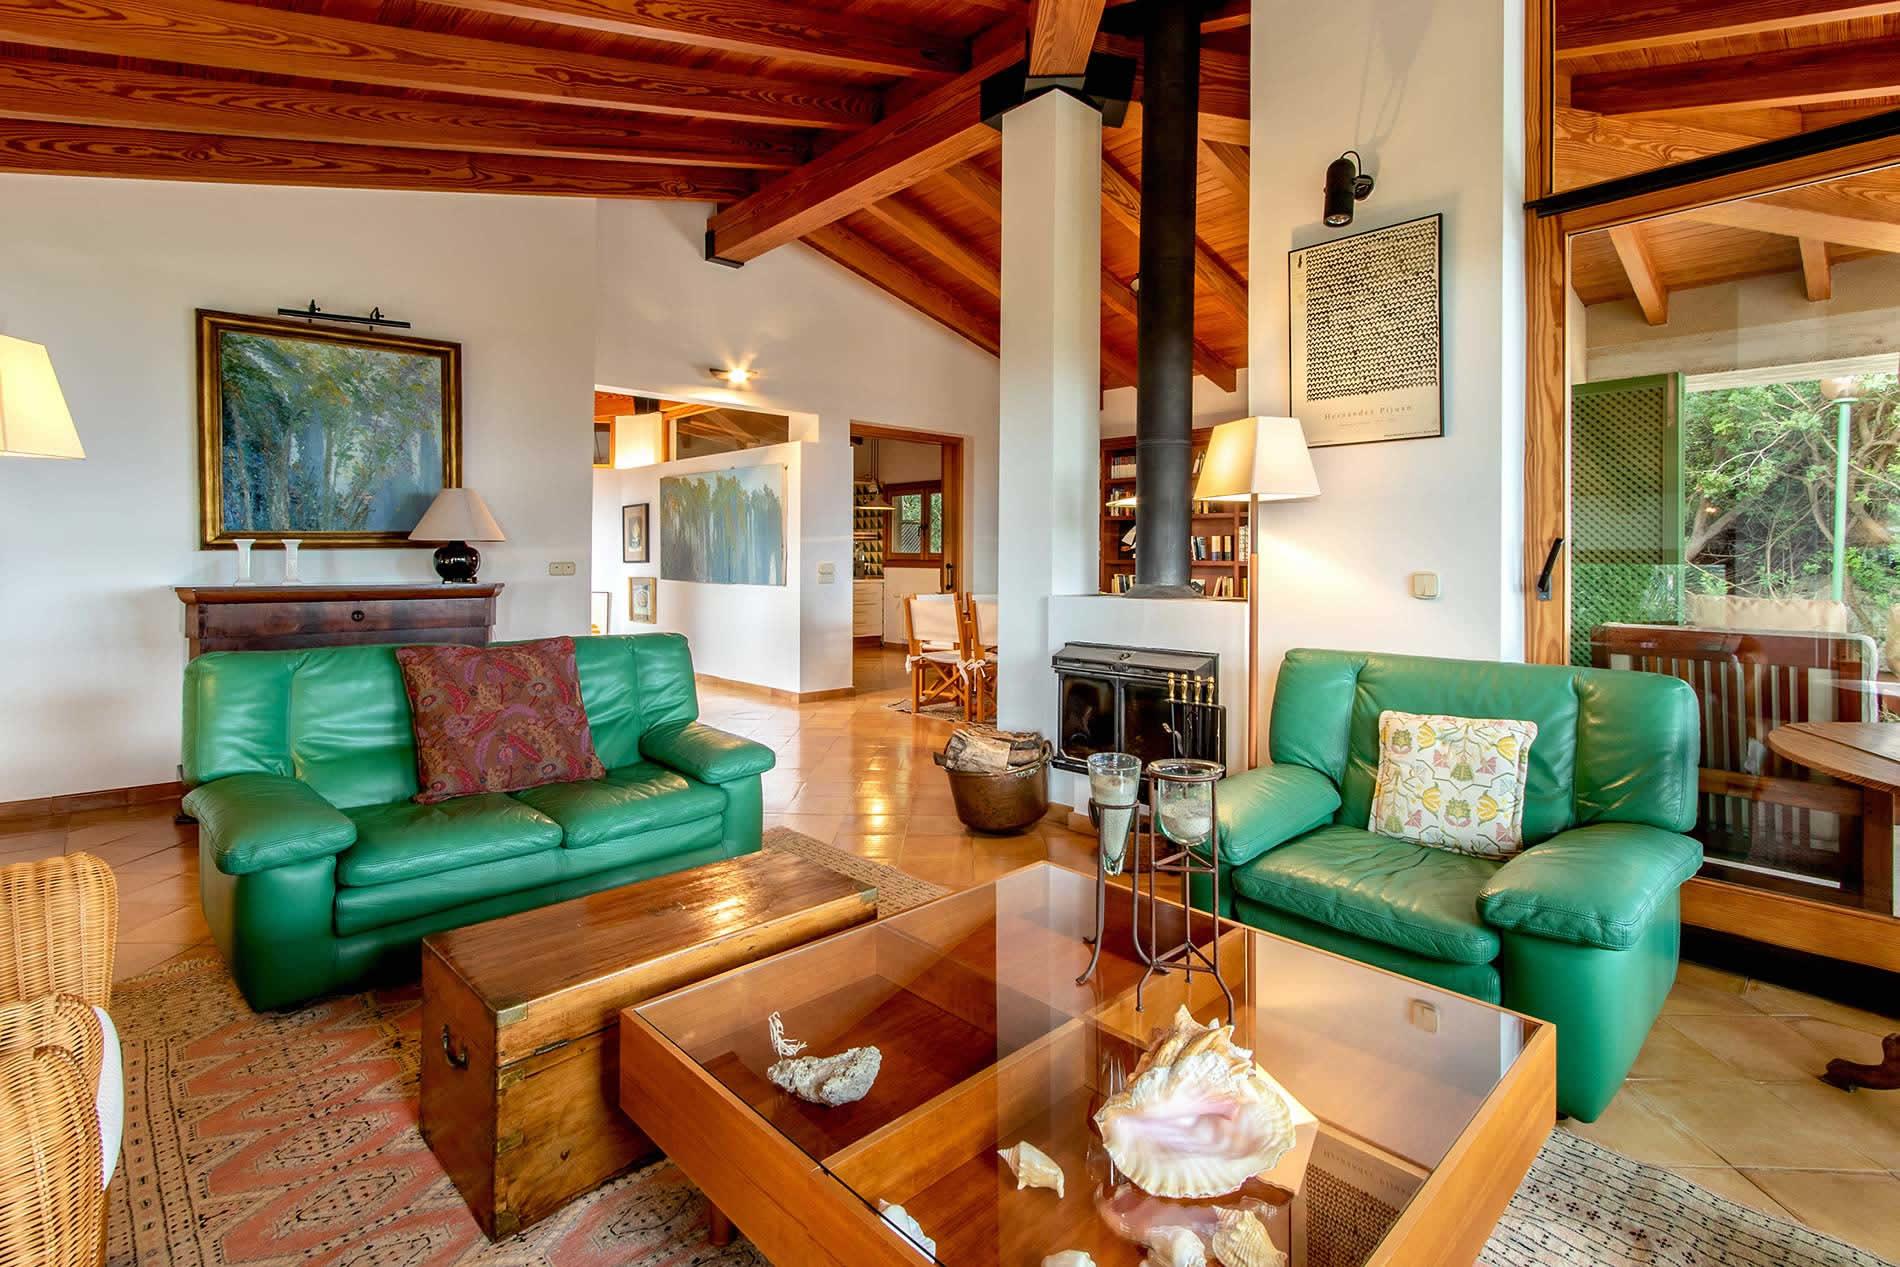 Villa Ca'n Sesenta in Pollensa - sleeps 10 people